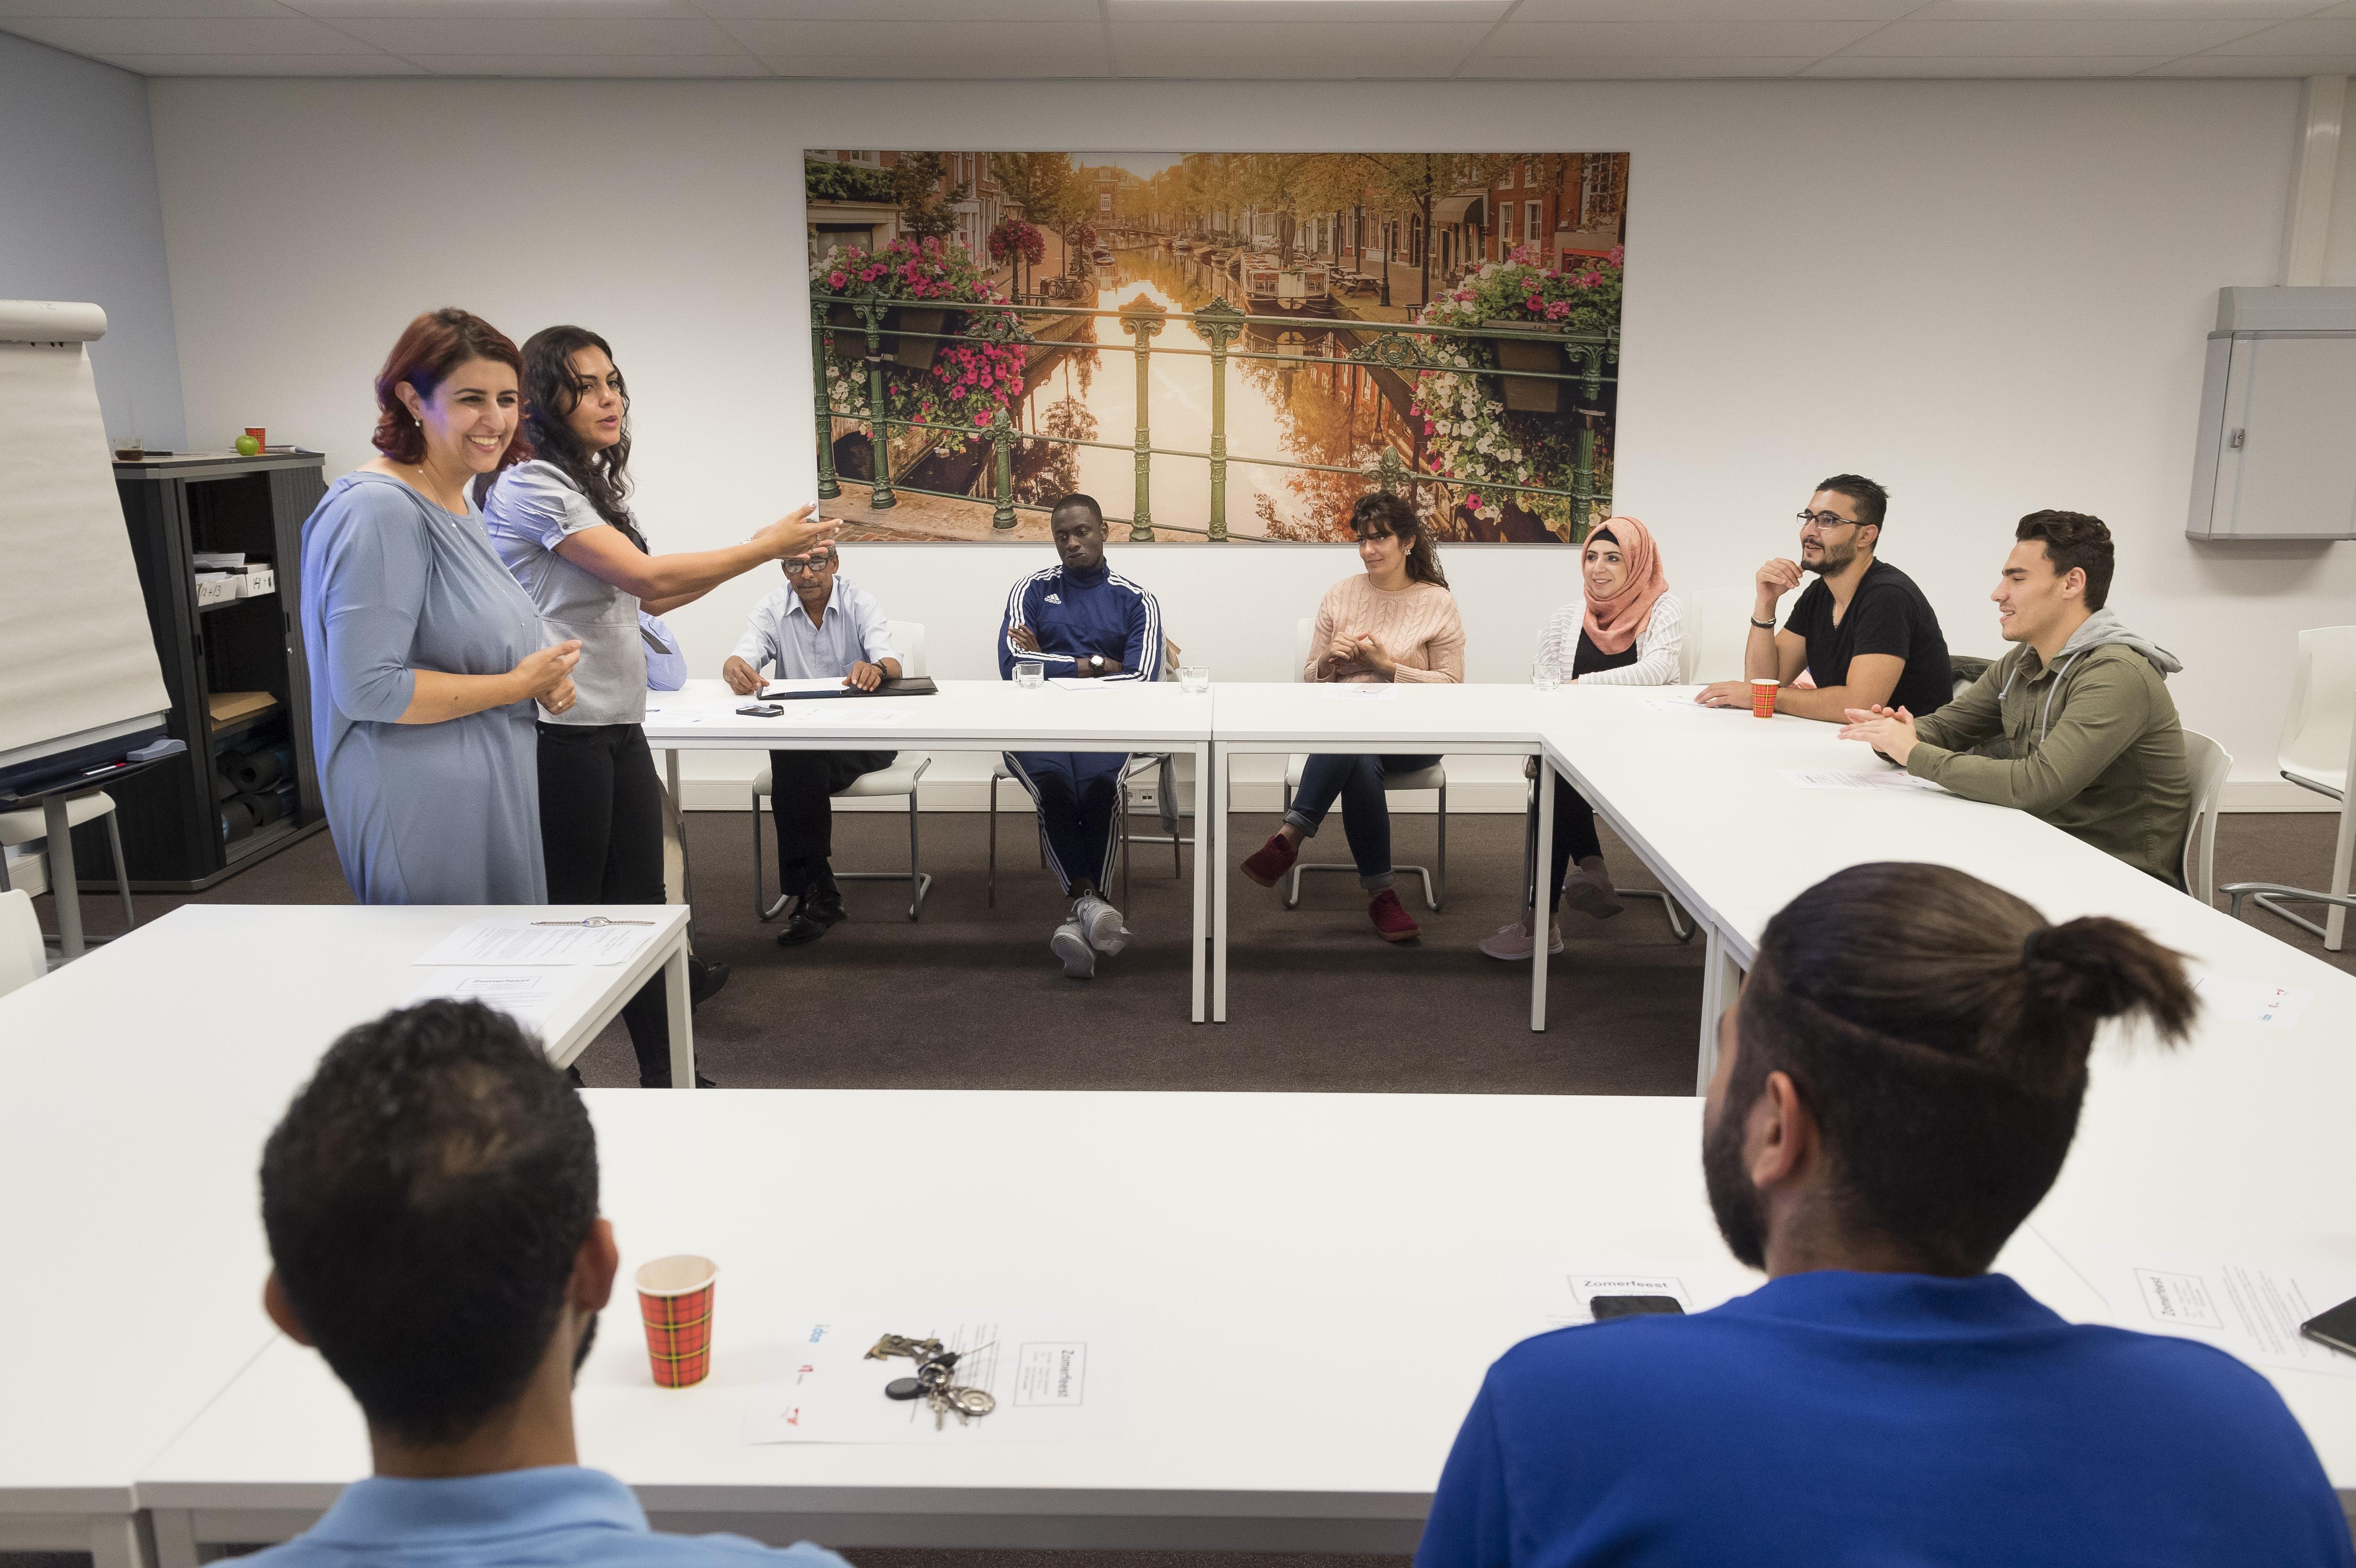 Ruim 80 procent van statushouders in regio Alkmaar heeft werk of volgt opleiding na integratieprogramma